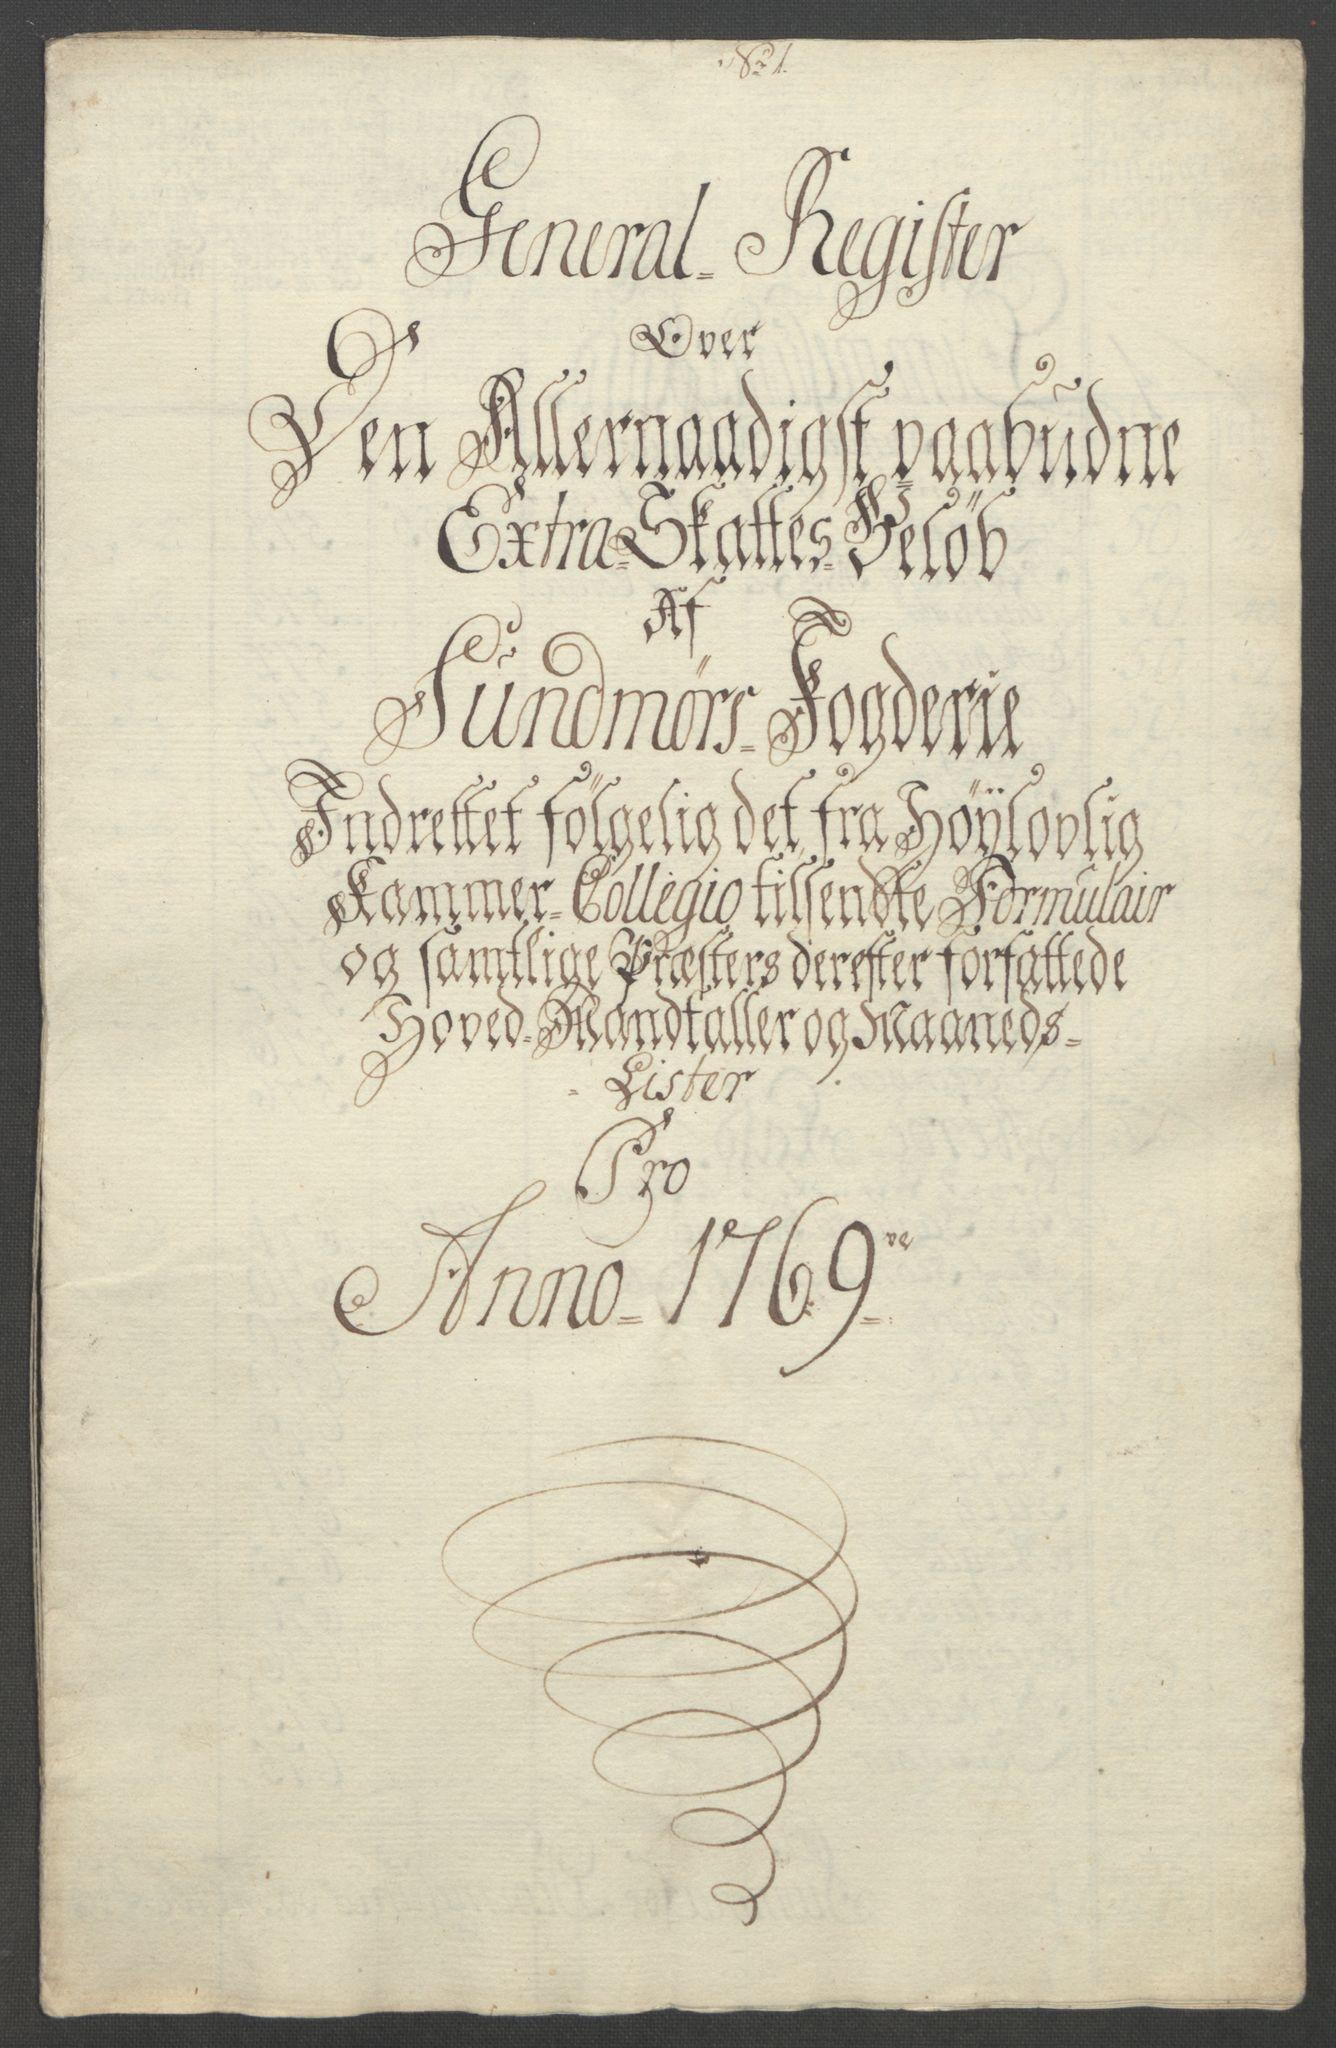 RA, Rentekammeret inntil 1814, Reviderte regnskaper, Fogderegnskap, R54/L3645: Ekstraskatten Sunnmøre, 1762-1772, s. 146